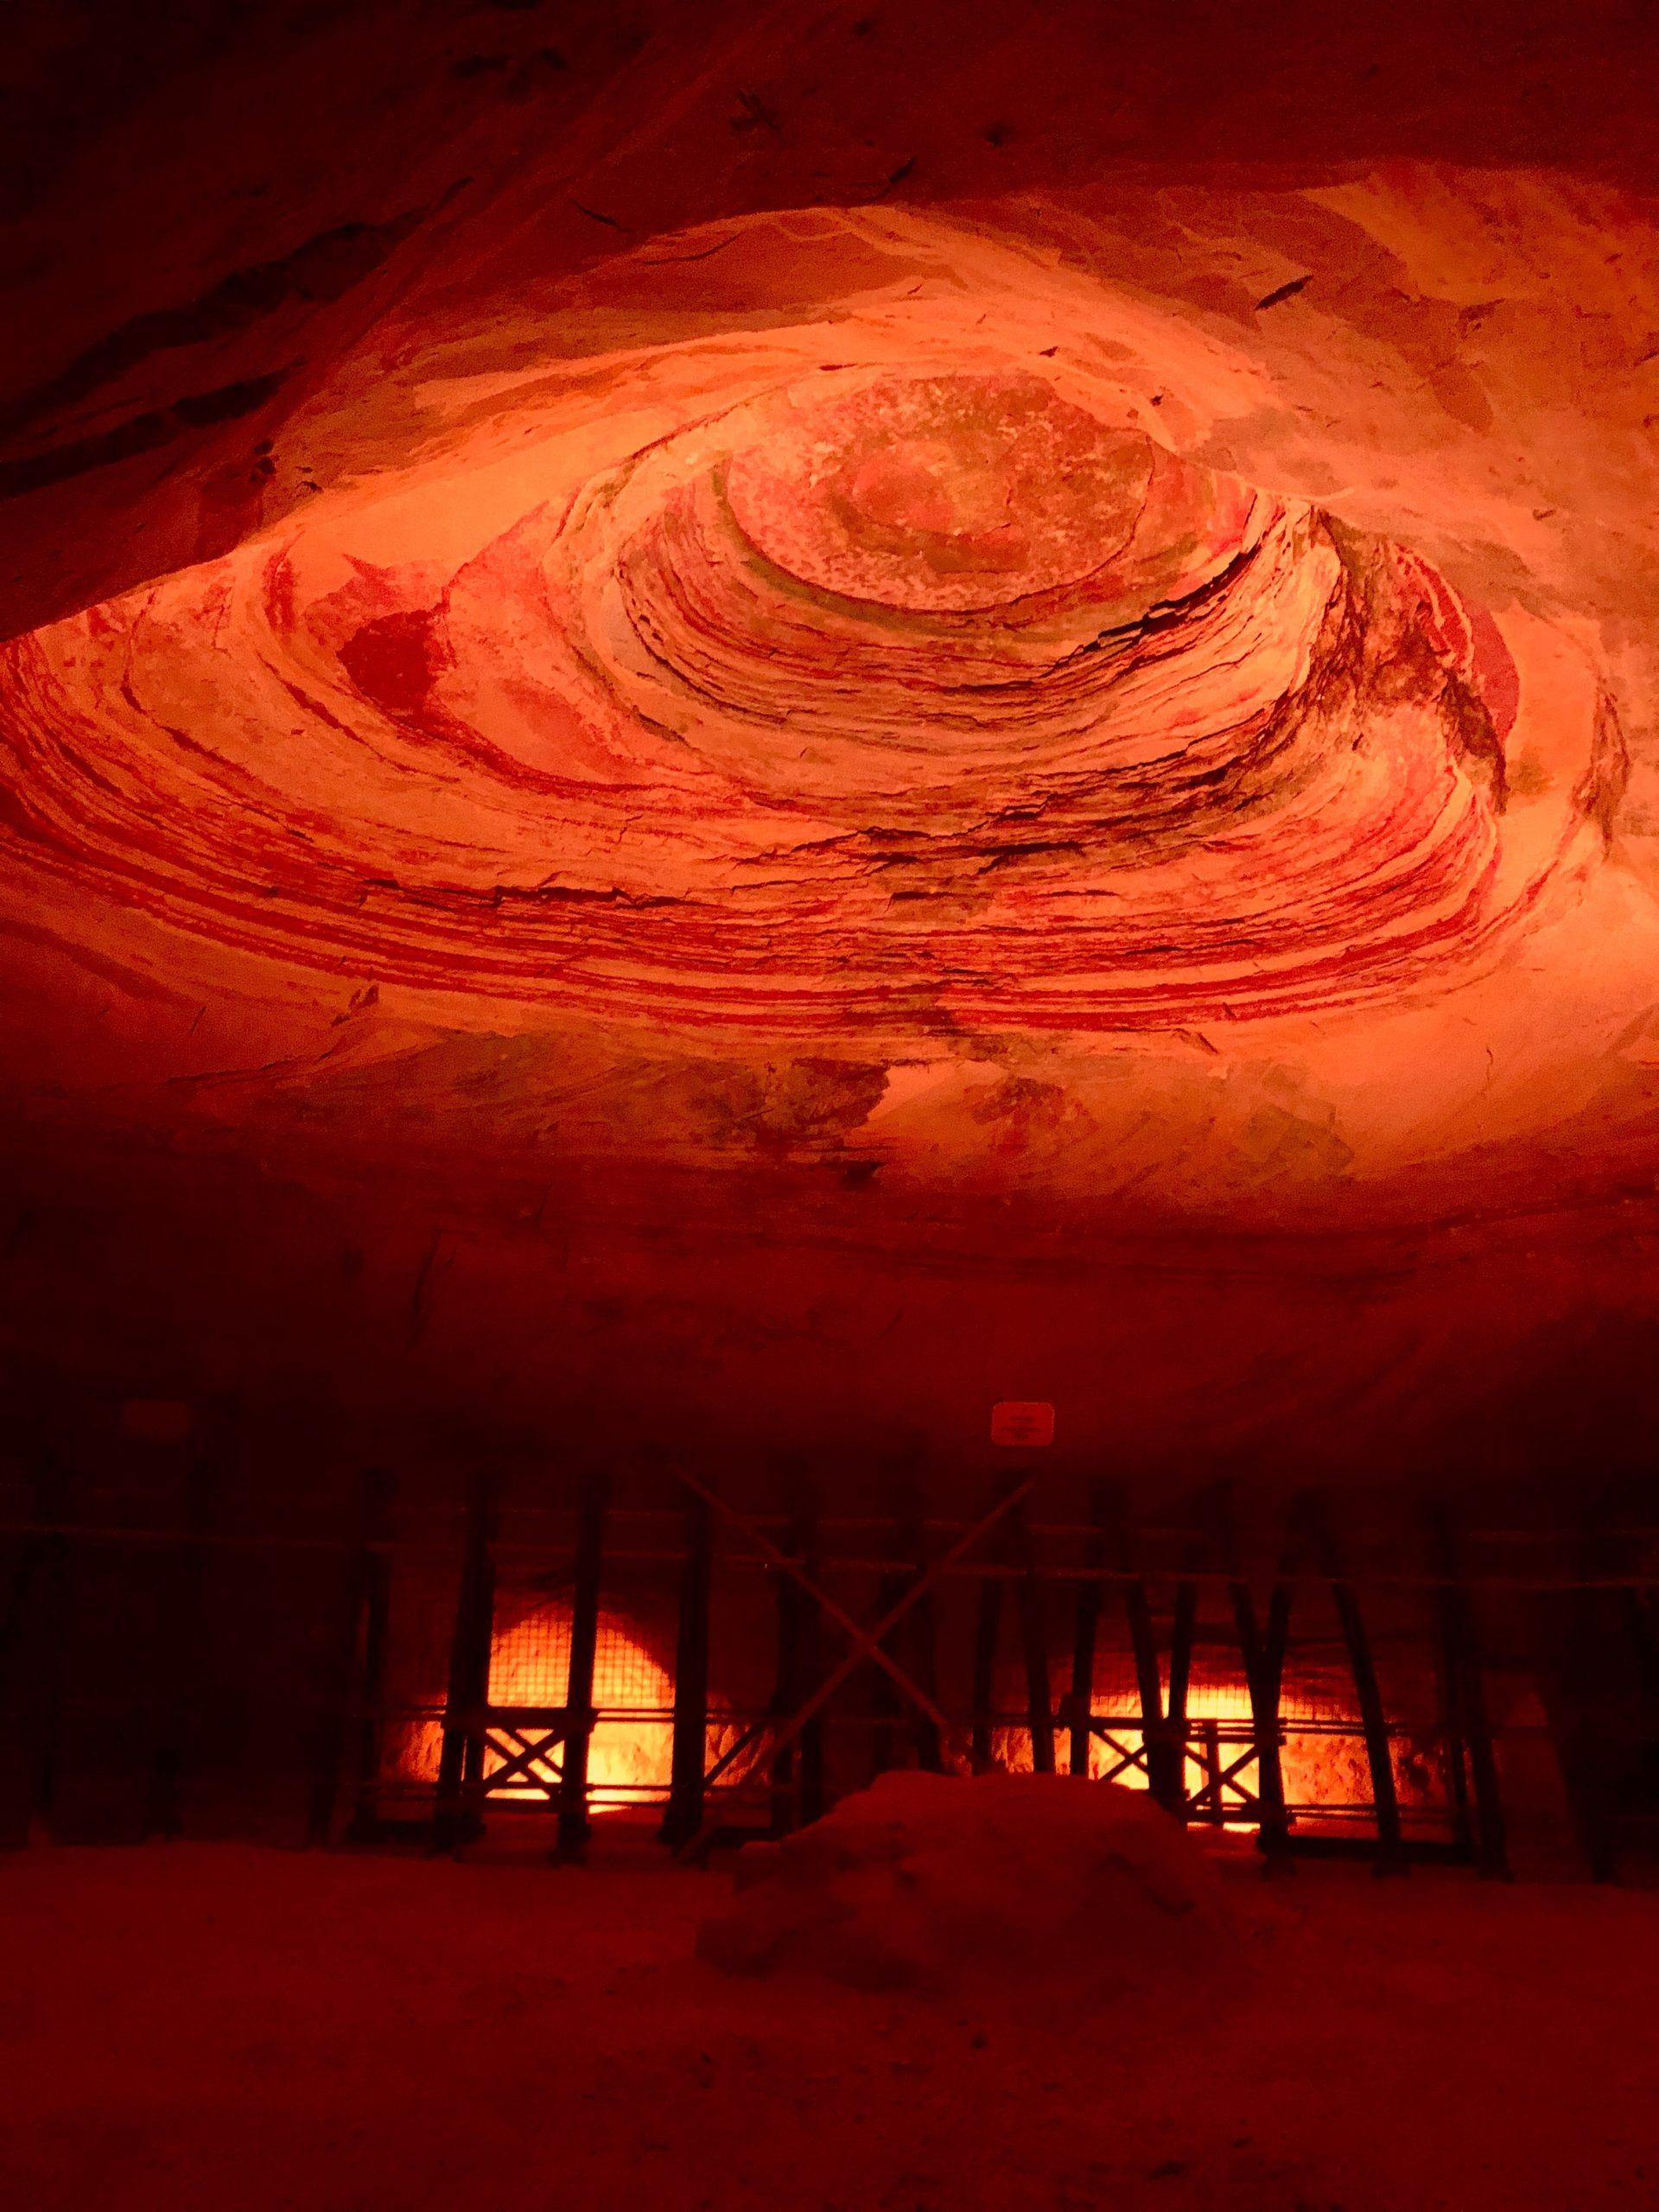 Beleuchteter Thronsaal, bearbeitet mit Erhöhung der Sättigung und Wärme